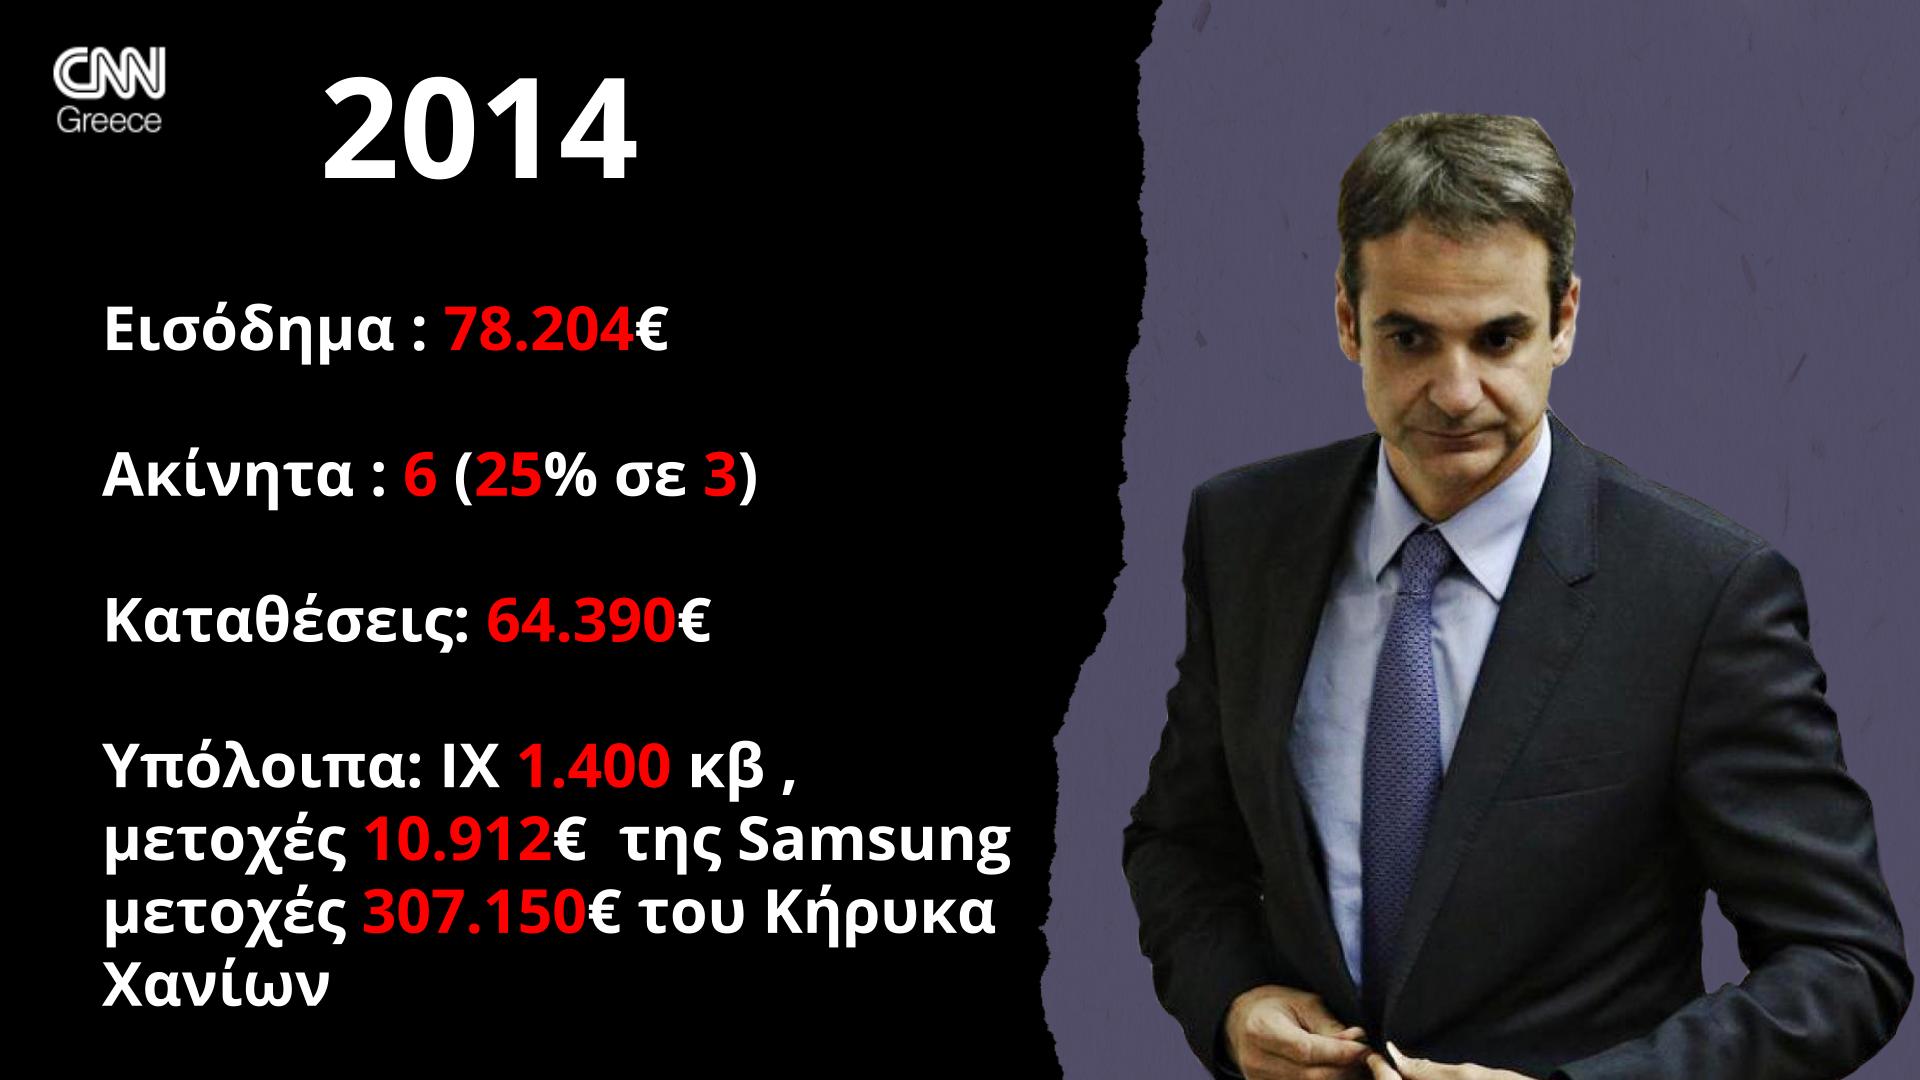 mitsotakis2014